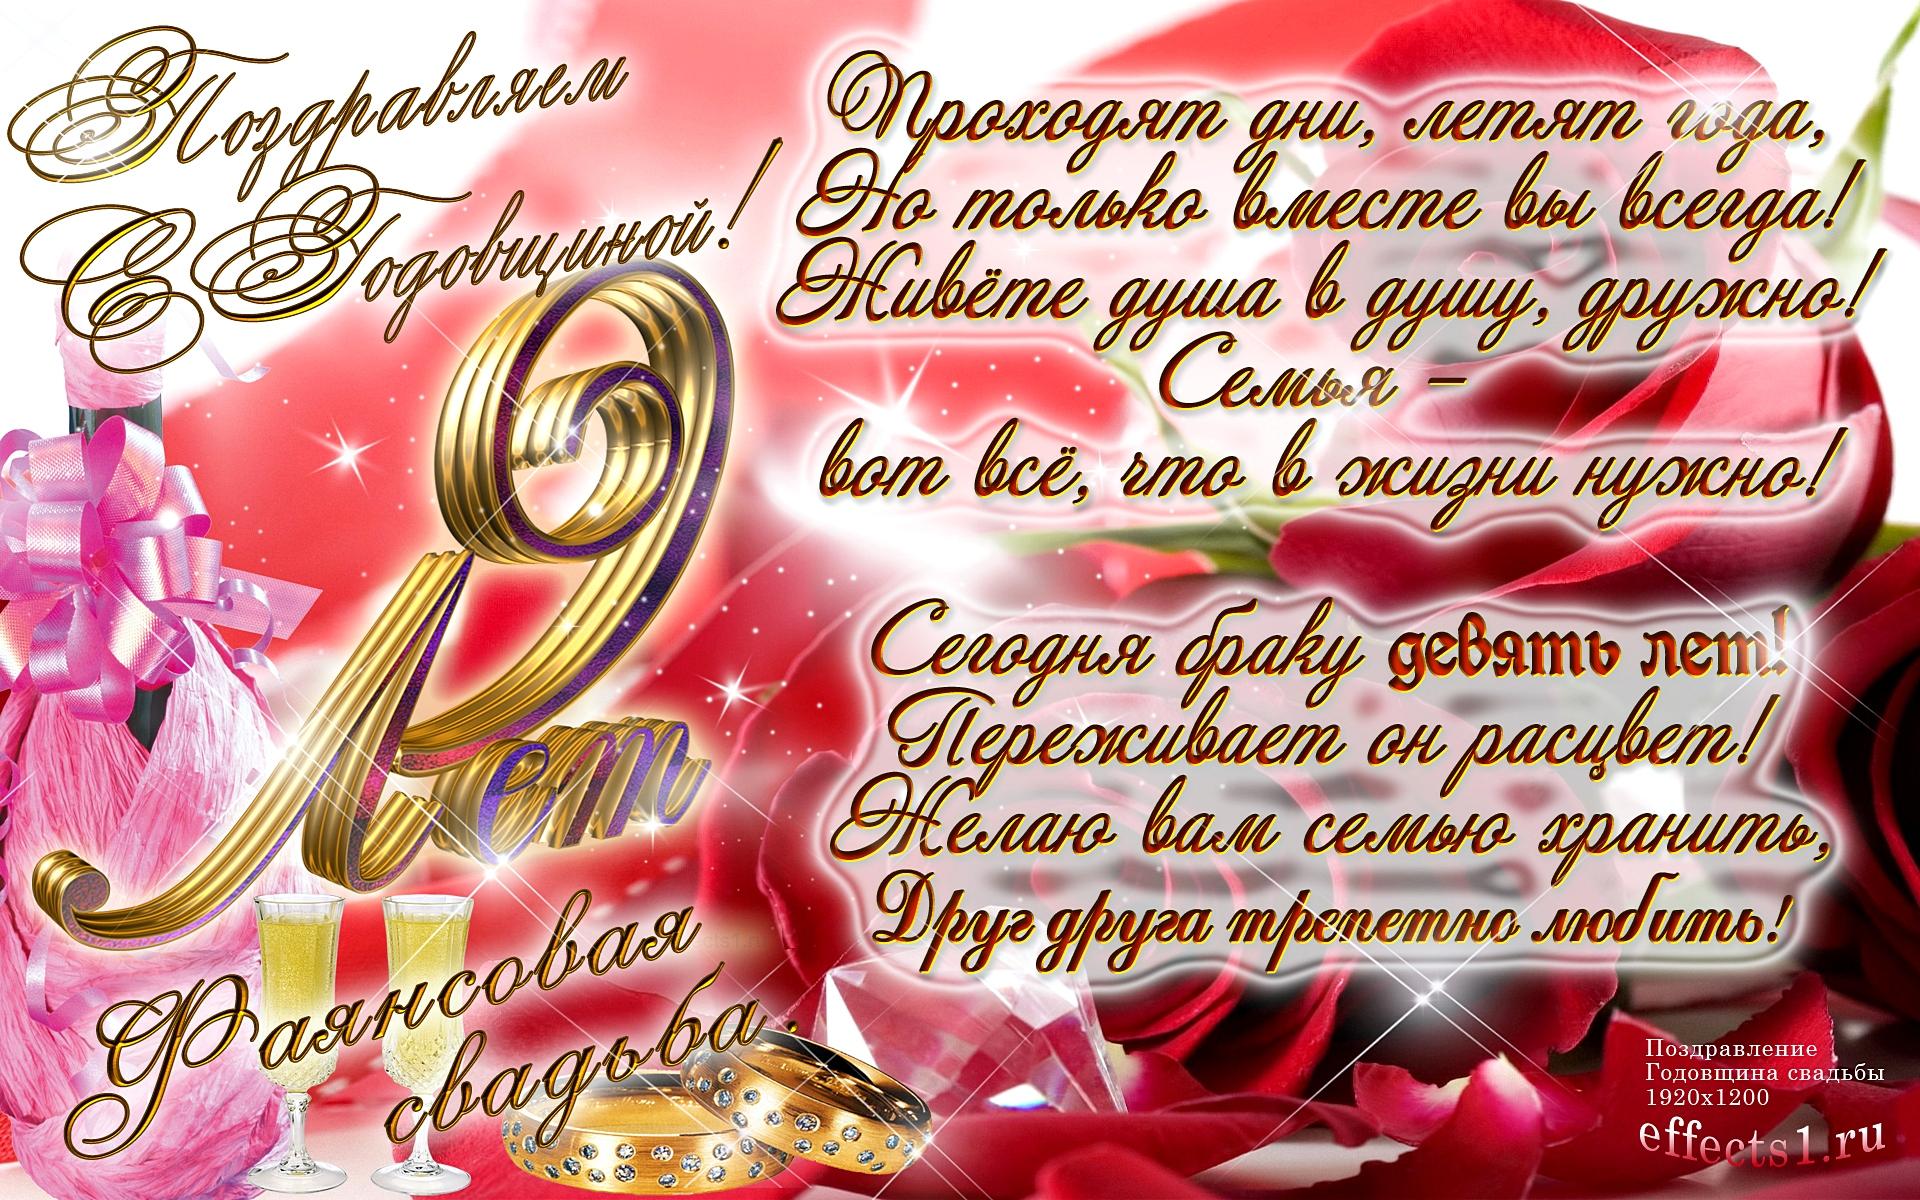 Стихи с днем свадьбы красивые 7 лет